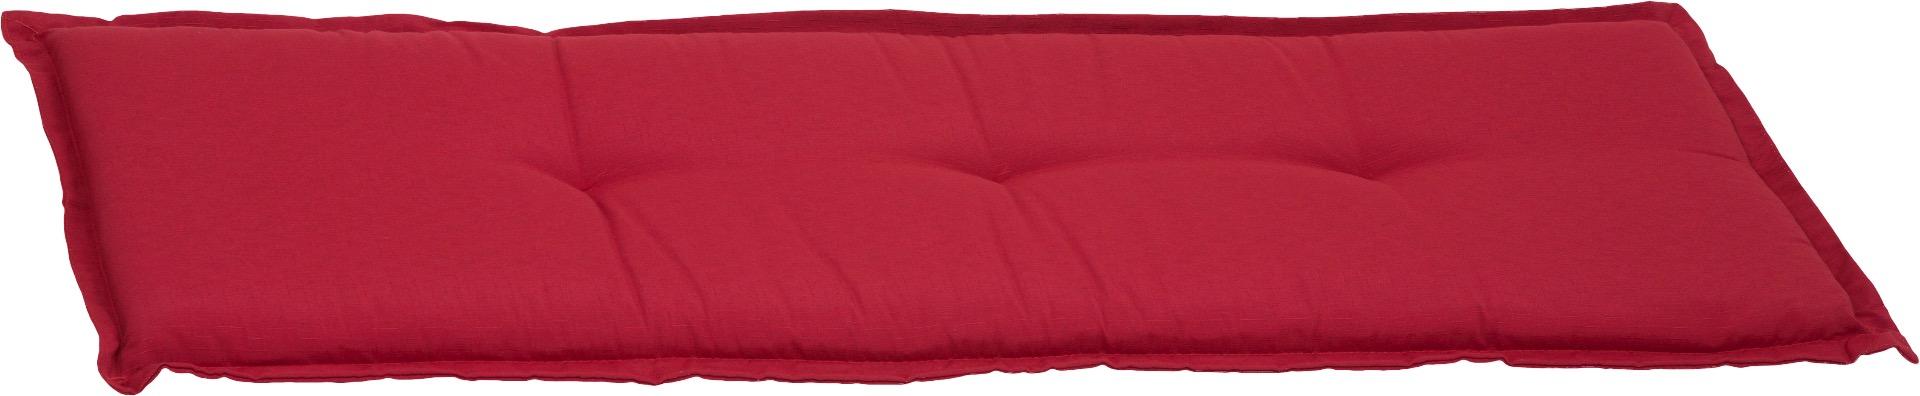 Bankauflage 3-Sitzer Sitzkissen ca. 145x45x6 cm rot meliert